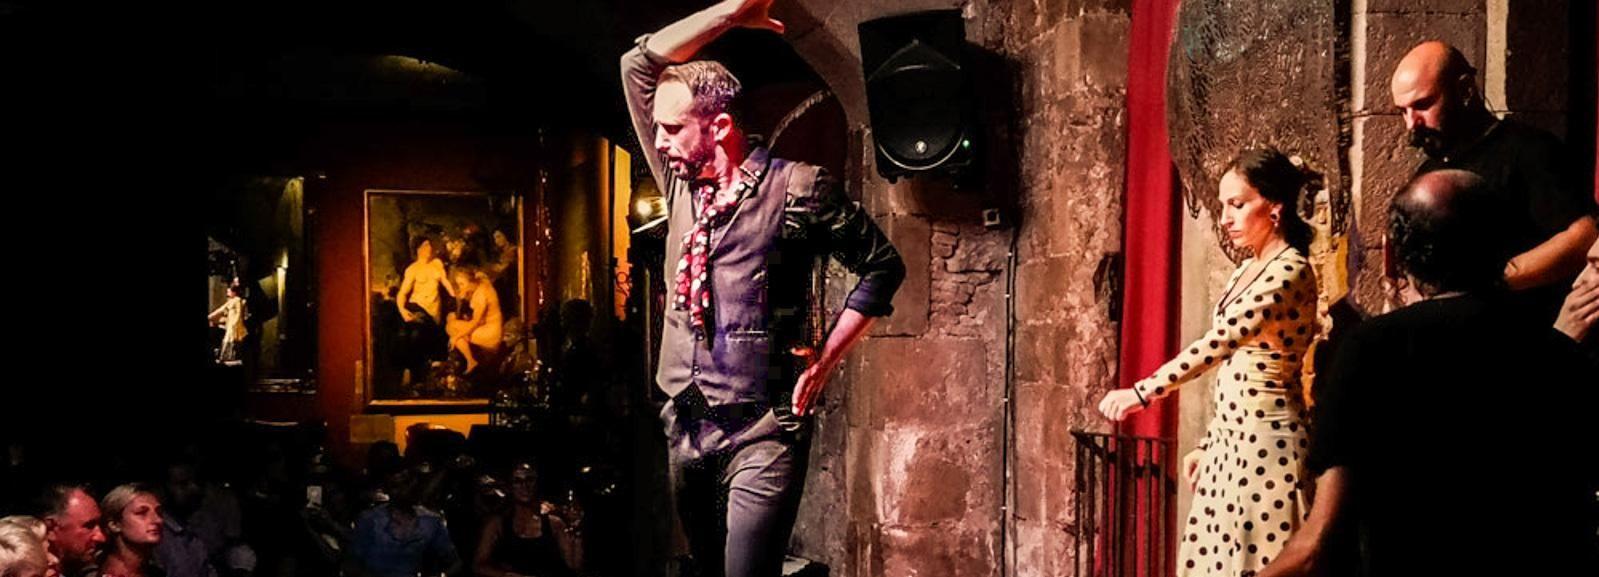 Barcelone: visite de la ville et spectacle de flamenco avec vin et tapas